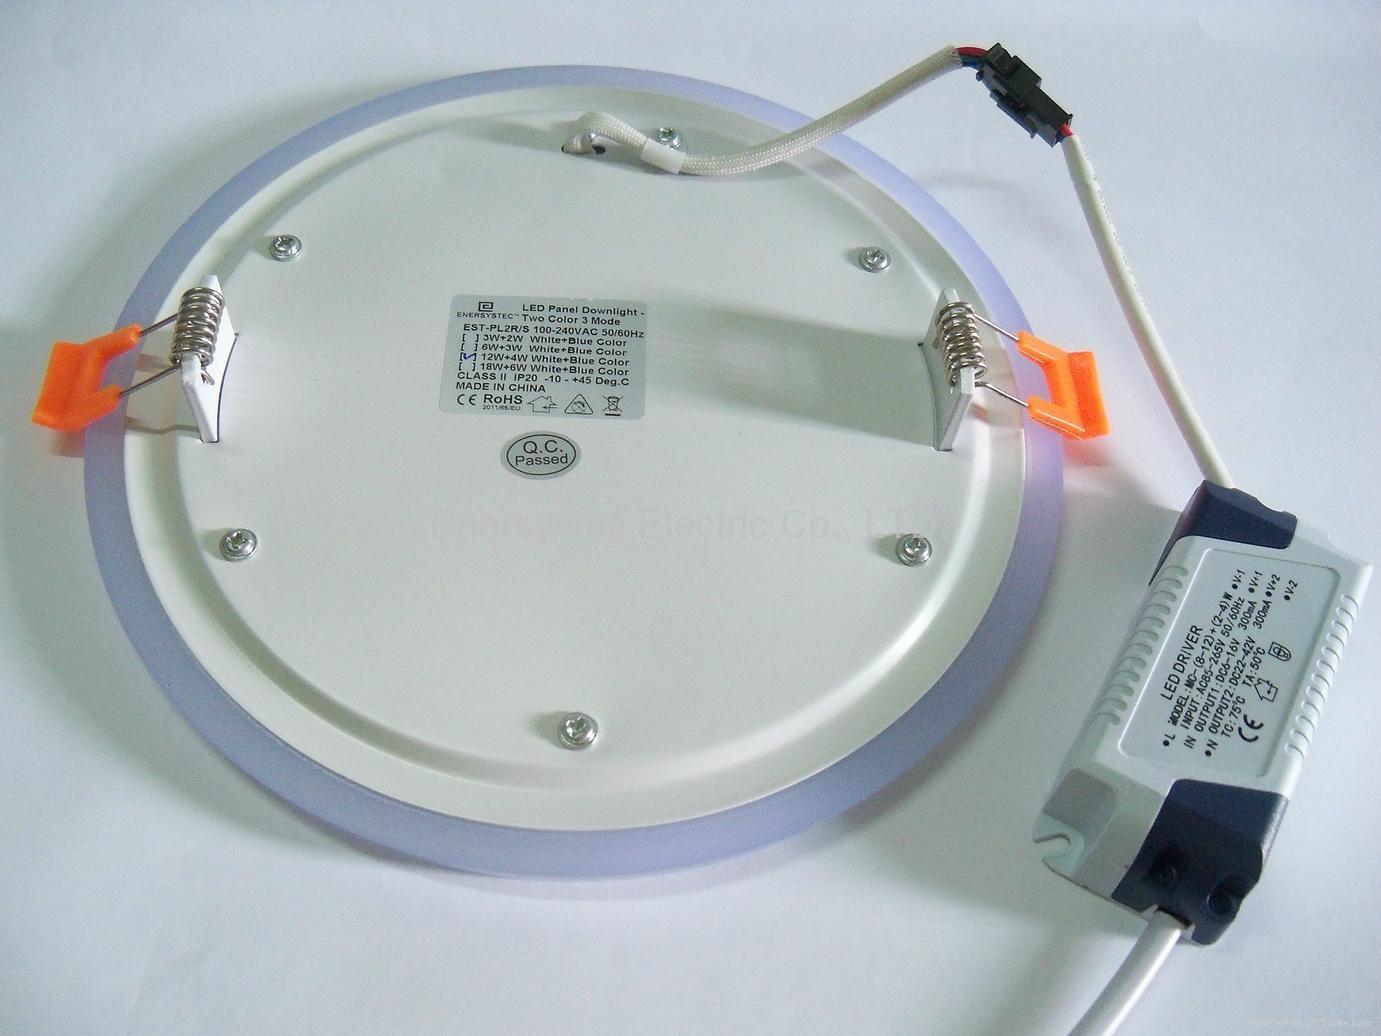 Double Color LED Panel Light, Dual Color White 12W+Blue 4W 7